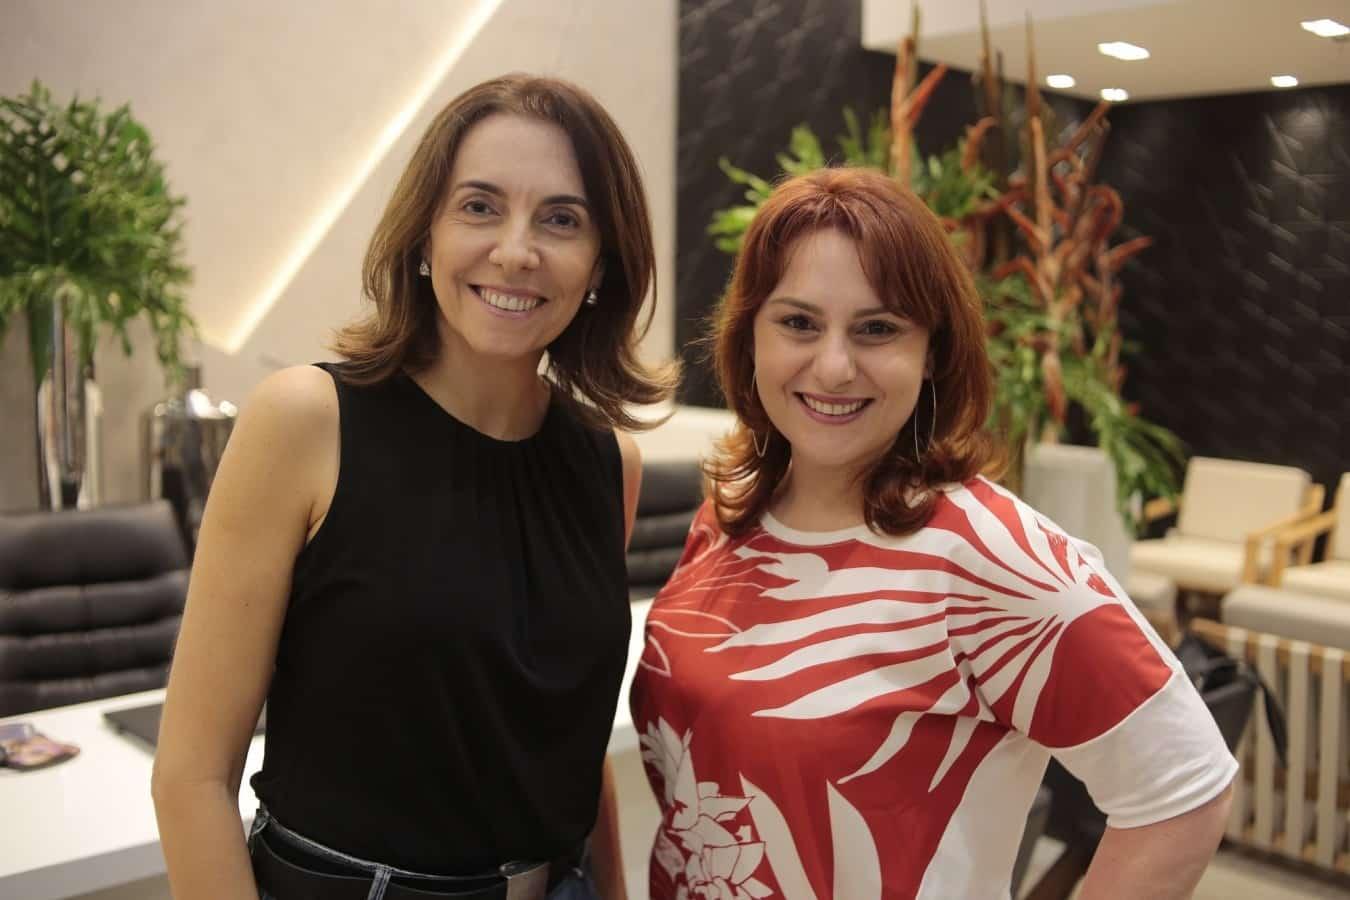 Arquitetas Patrícia Cretton e Daniela Dambros Créditos Hércio Moraes 2 - Arquitetura e medicina de mãos dadas no Recife